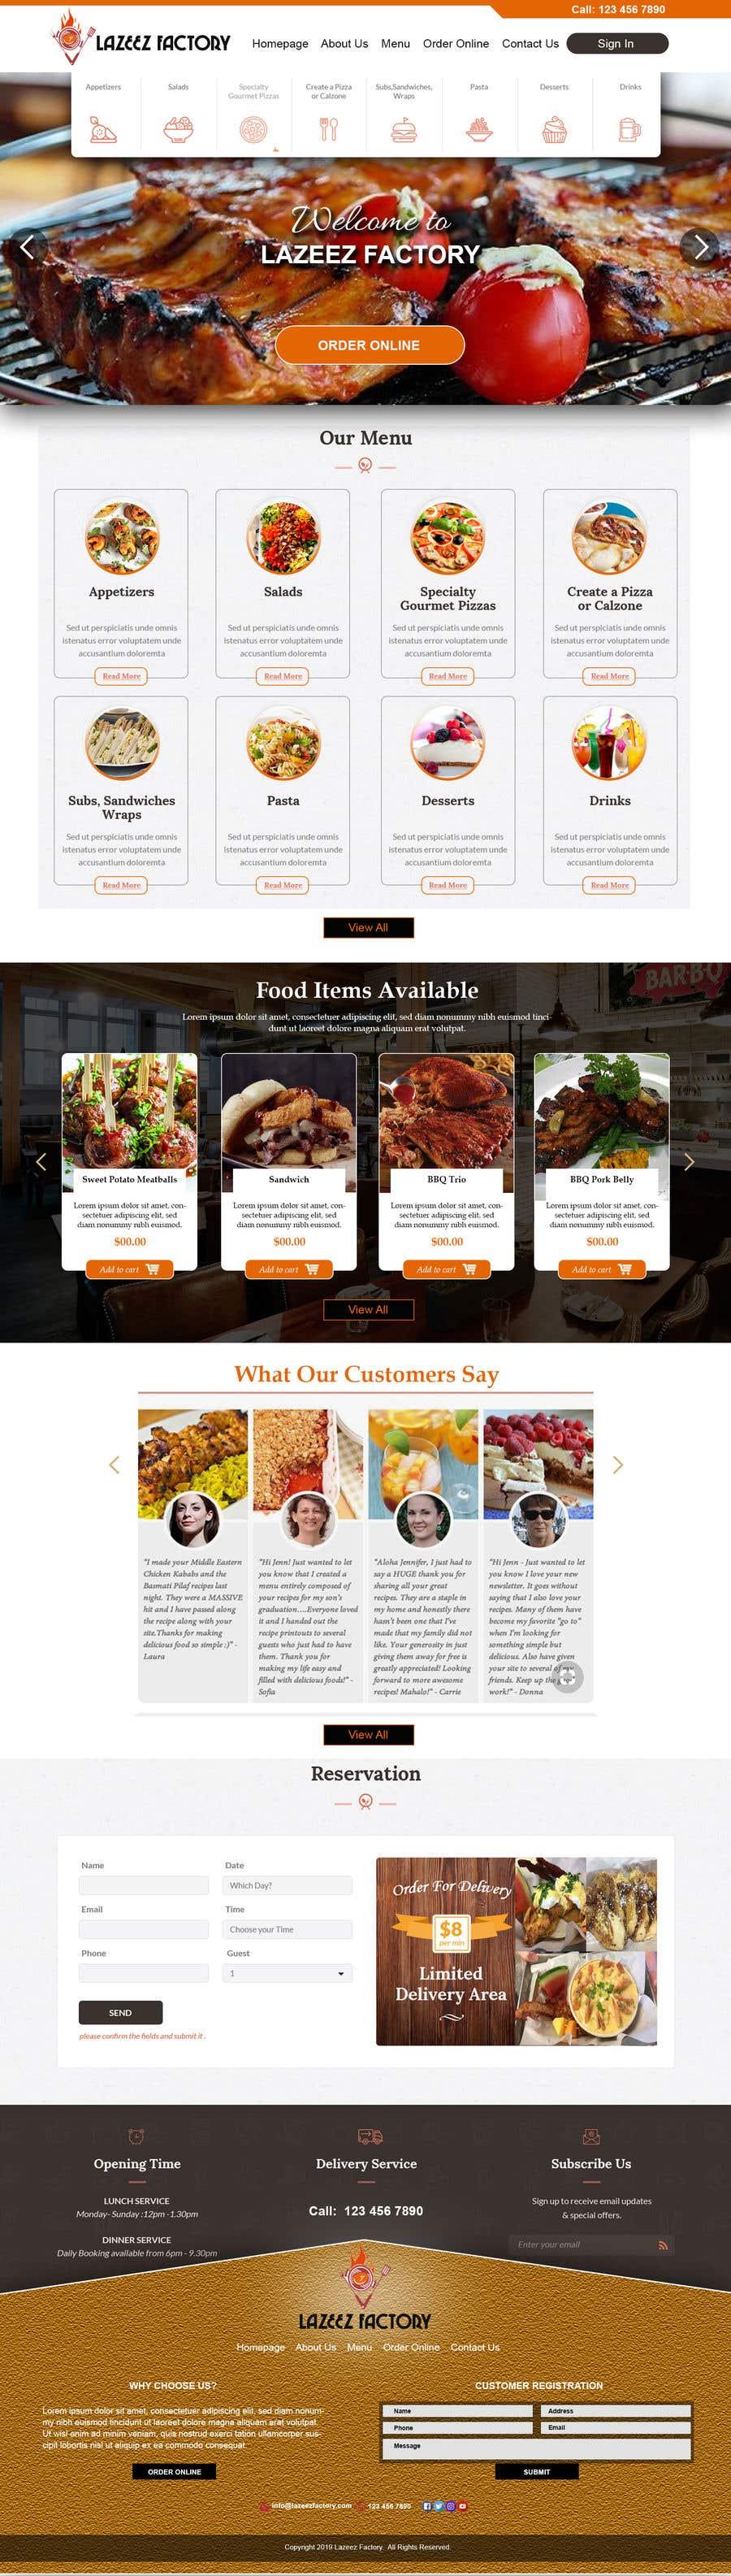 Konkurrenceindlæg #93 for Design A Website and Logo For Restaurant